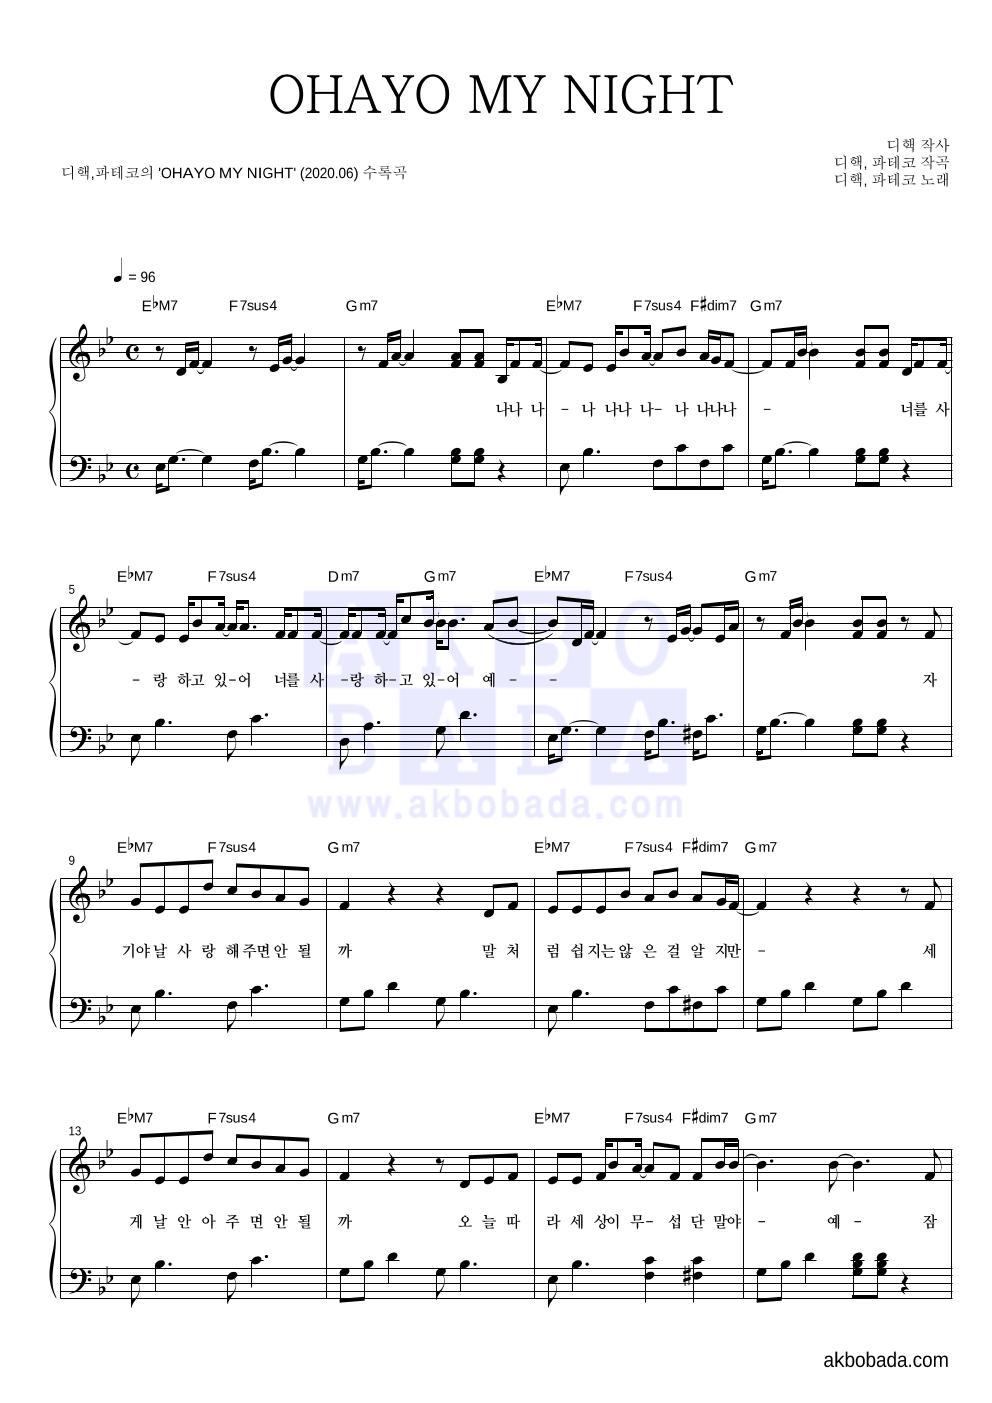 디핵,파테코 - OHAYO MY NIGHT 피아노 2단 악보